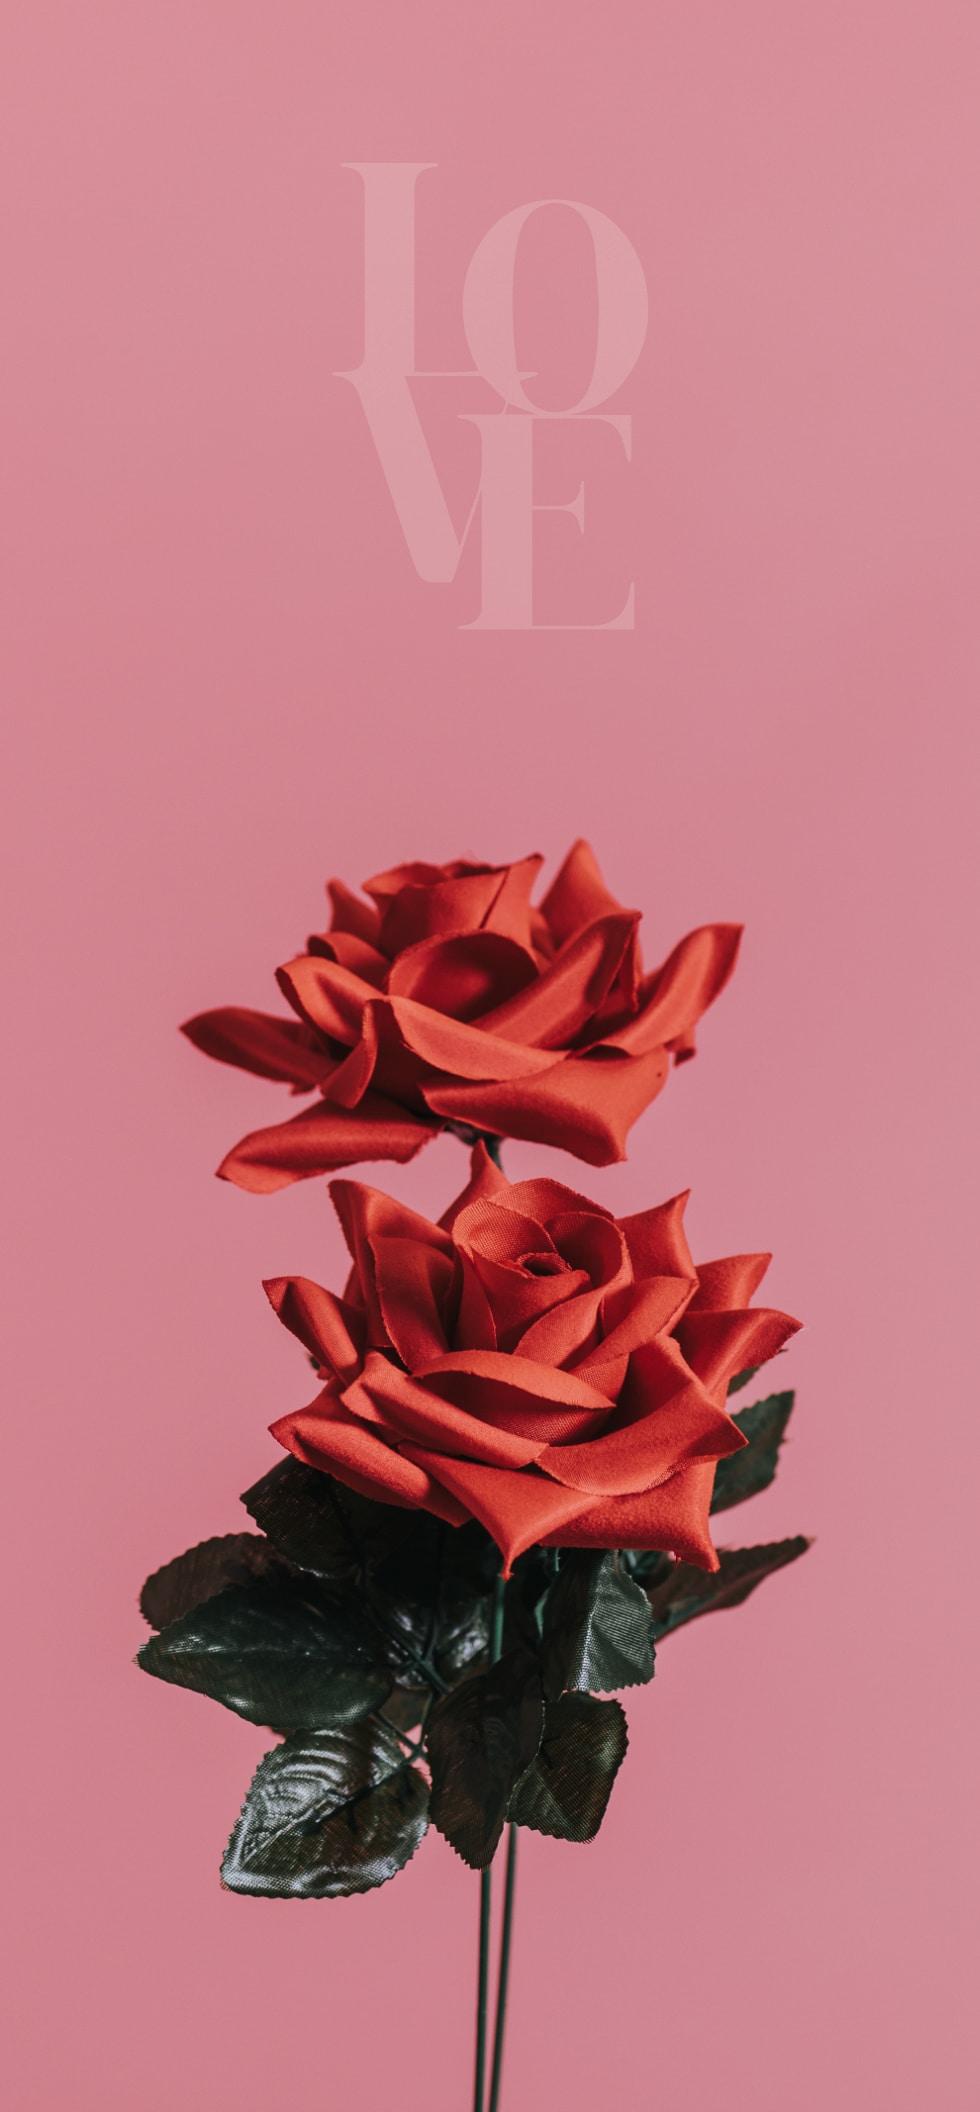 Juni-Wallpaper-2021-design-bildschirmhintergrund-phone-rose